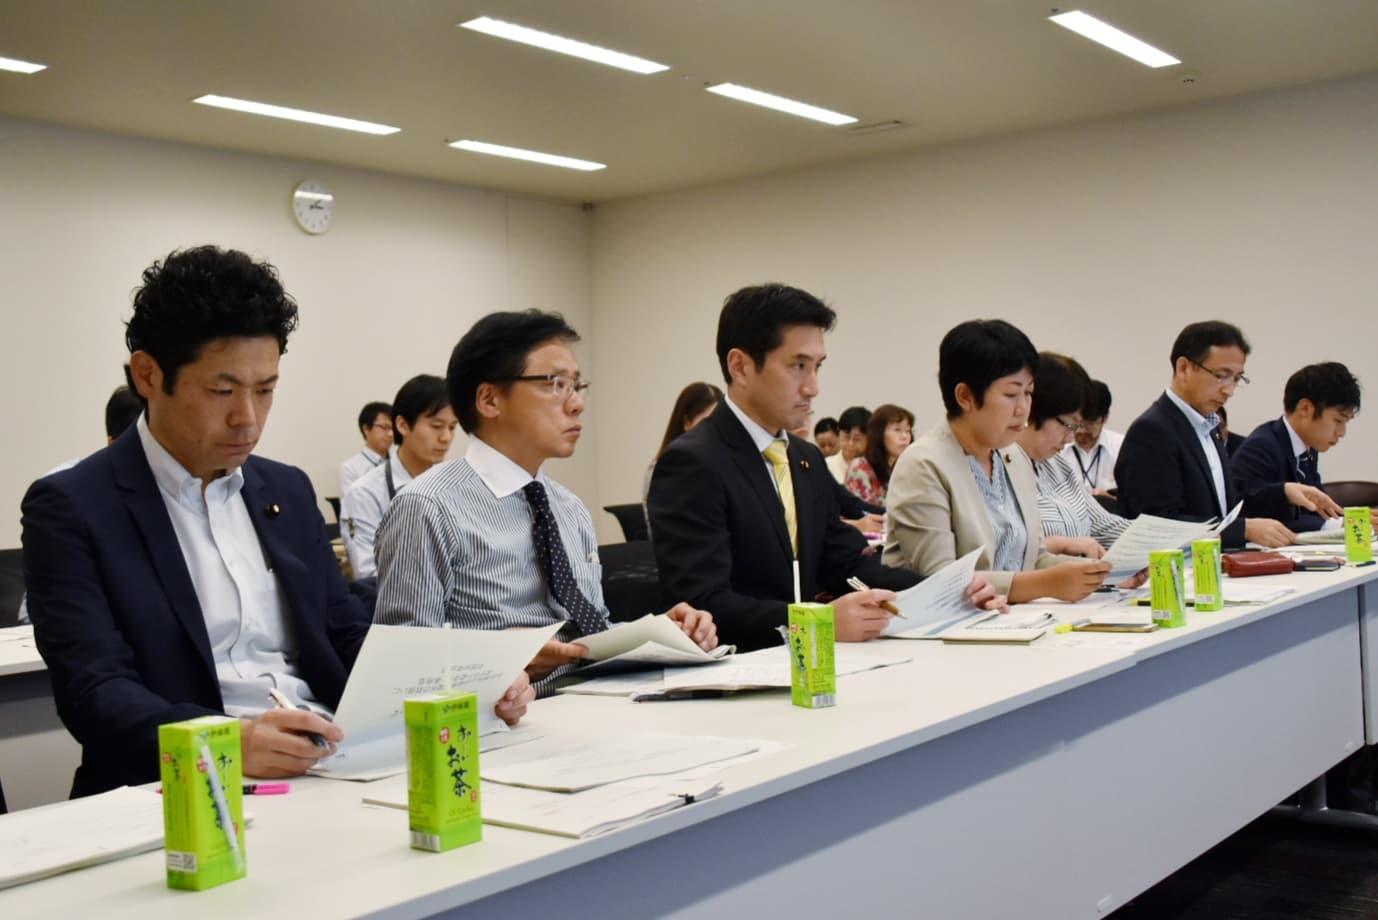 http://www.inoue-satoshi.com/diary/43030109_237793233754376_1963906025530589184_n.jpg